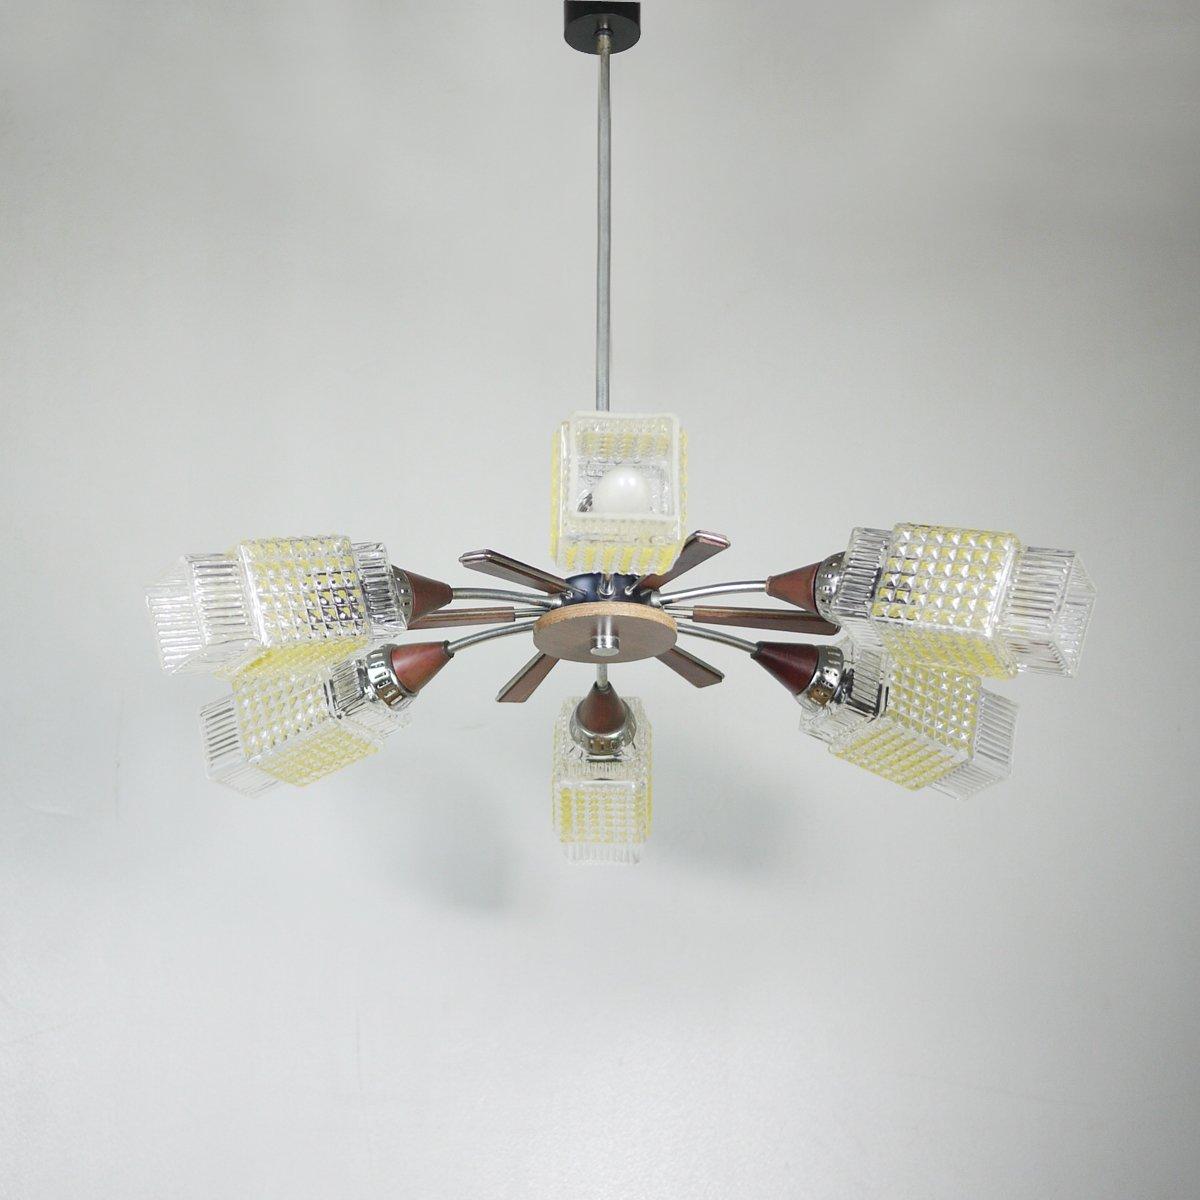 geometrischer vintage kronleuchter mit 6 leuchten bei pamono kaufen. Black Bedroom Furniture Sets. Home Design Ideas